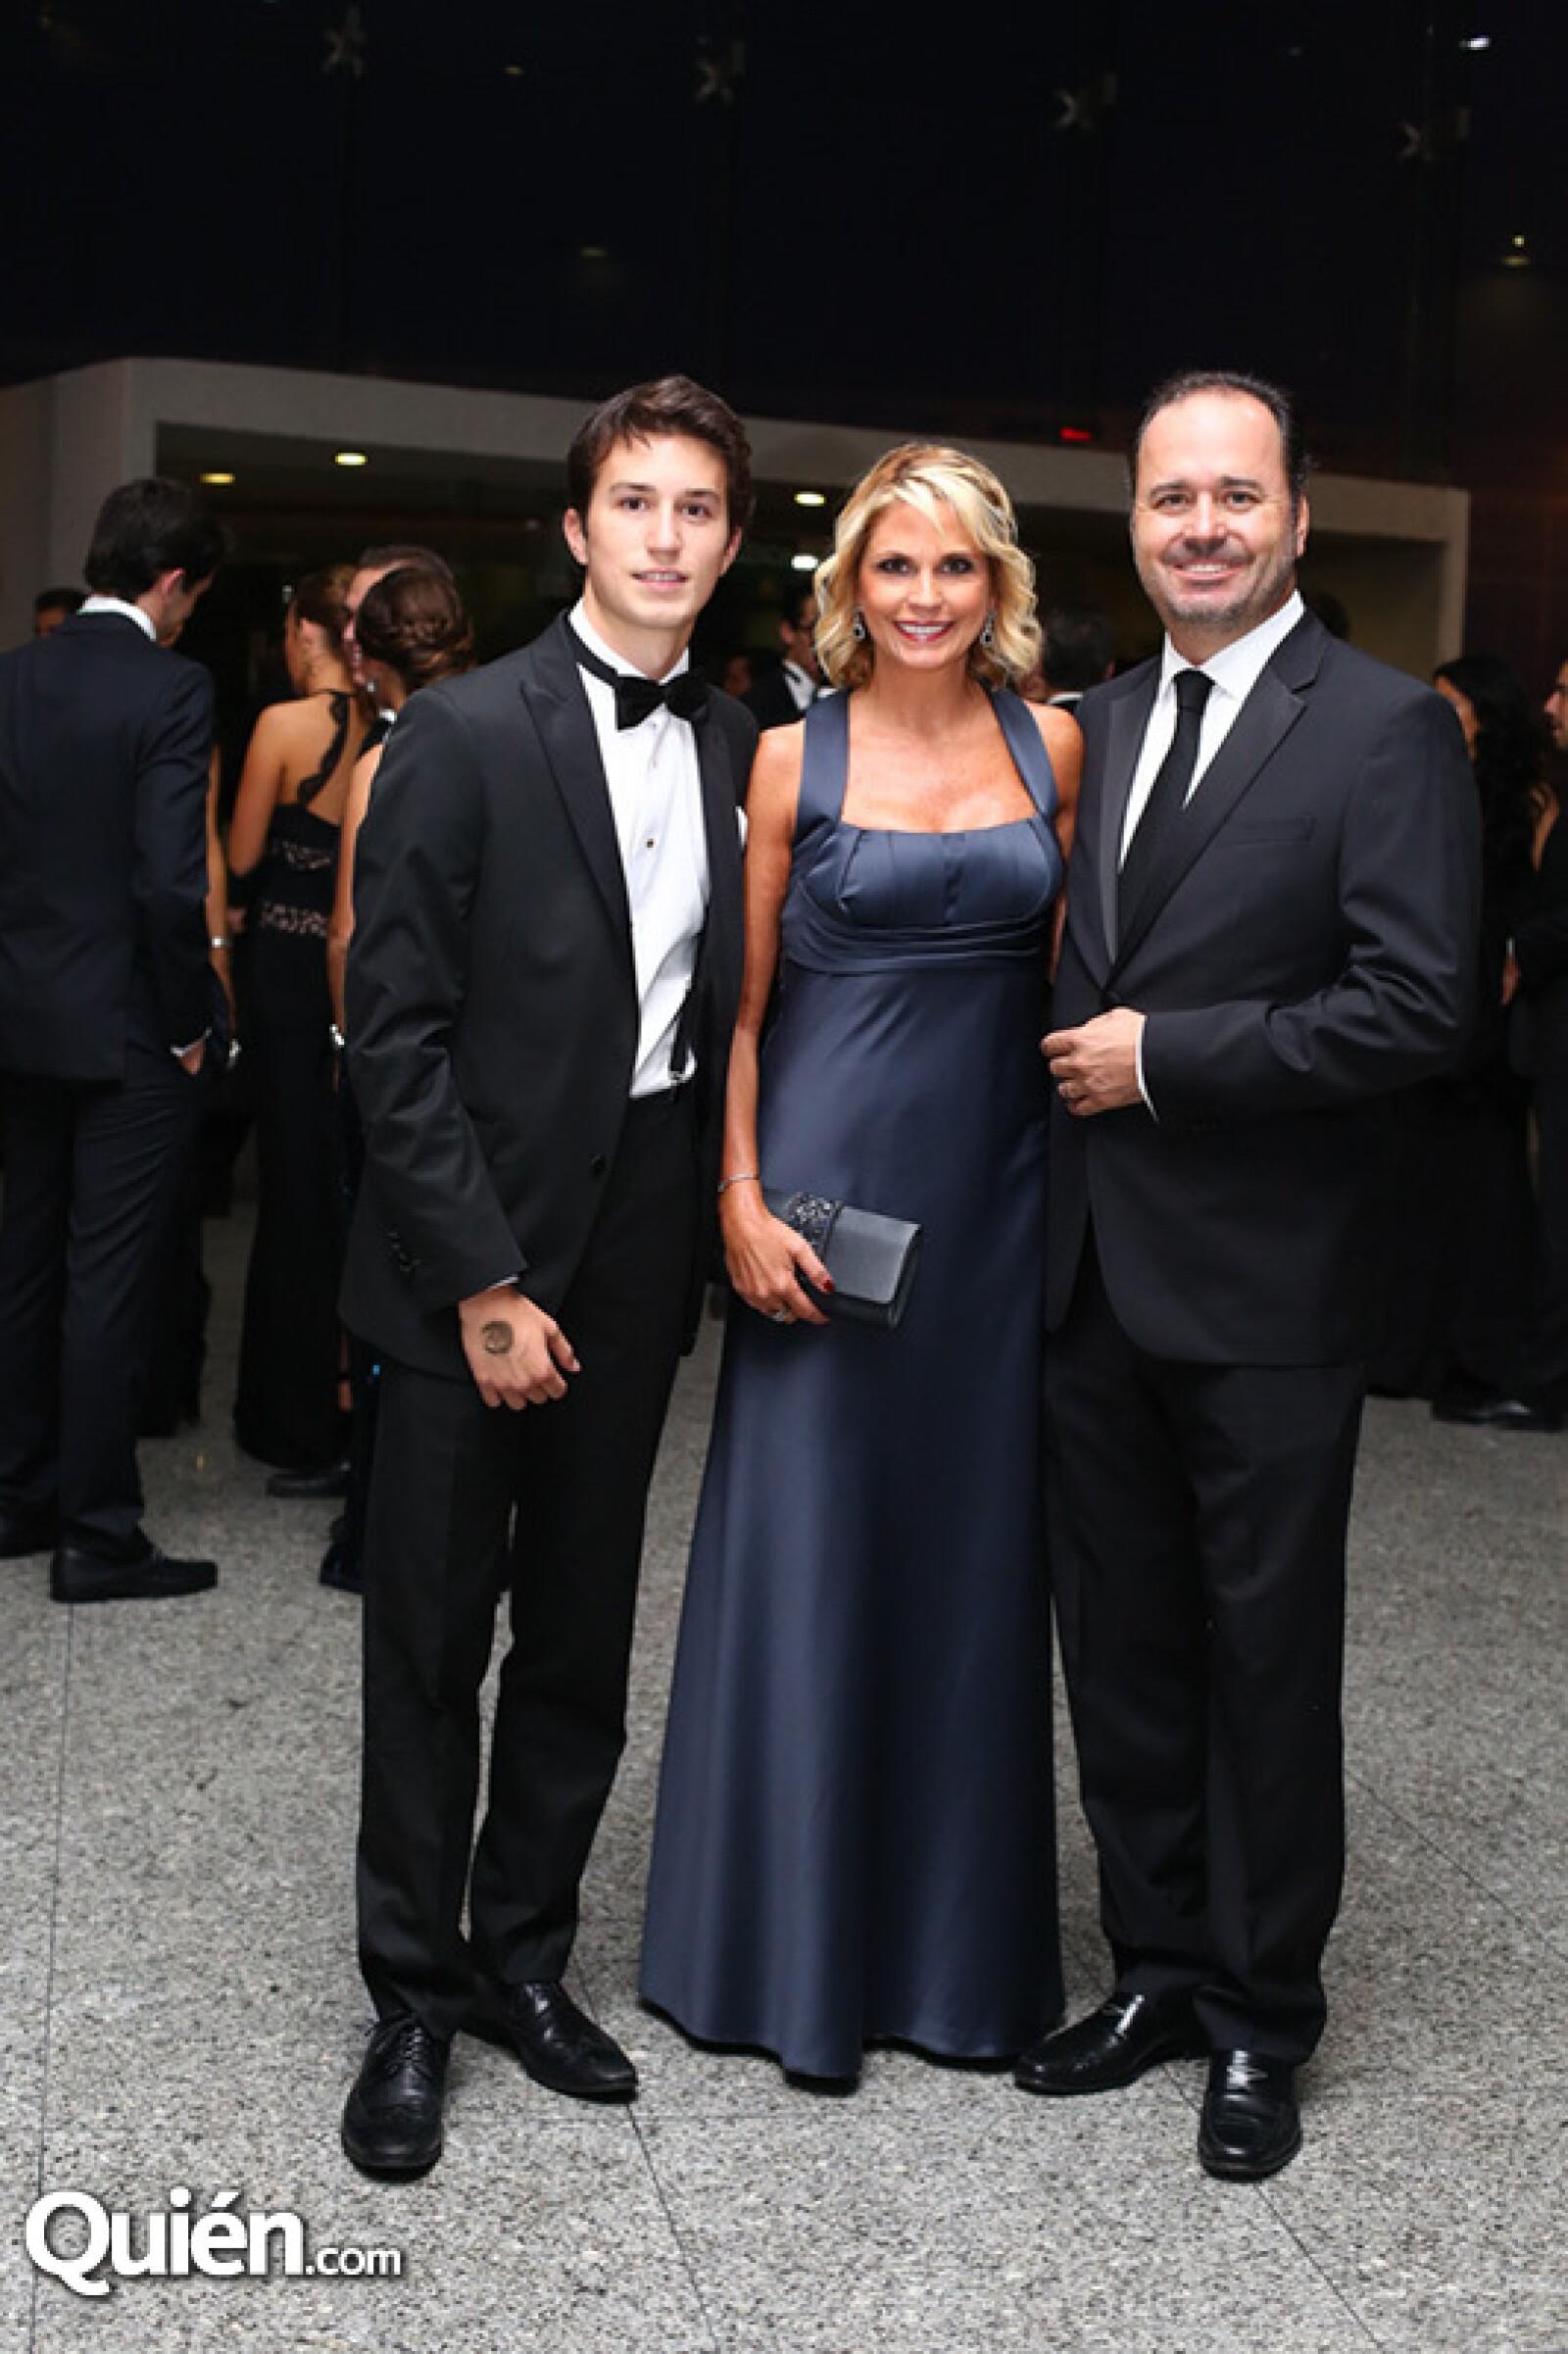 Emiliano, Leonor y Emilio Hernández